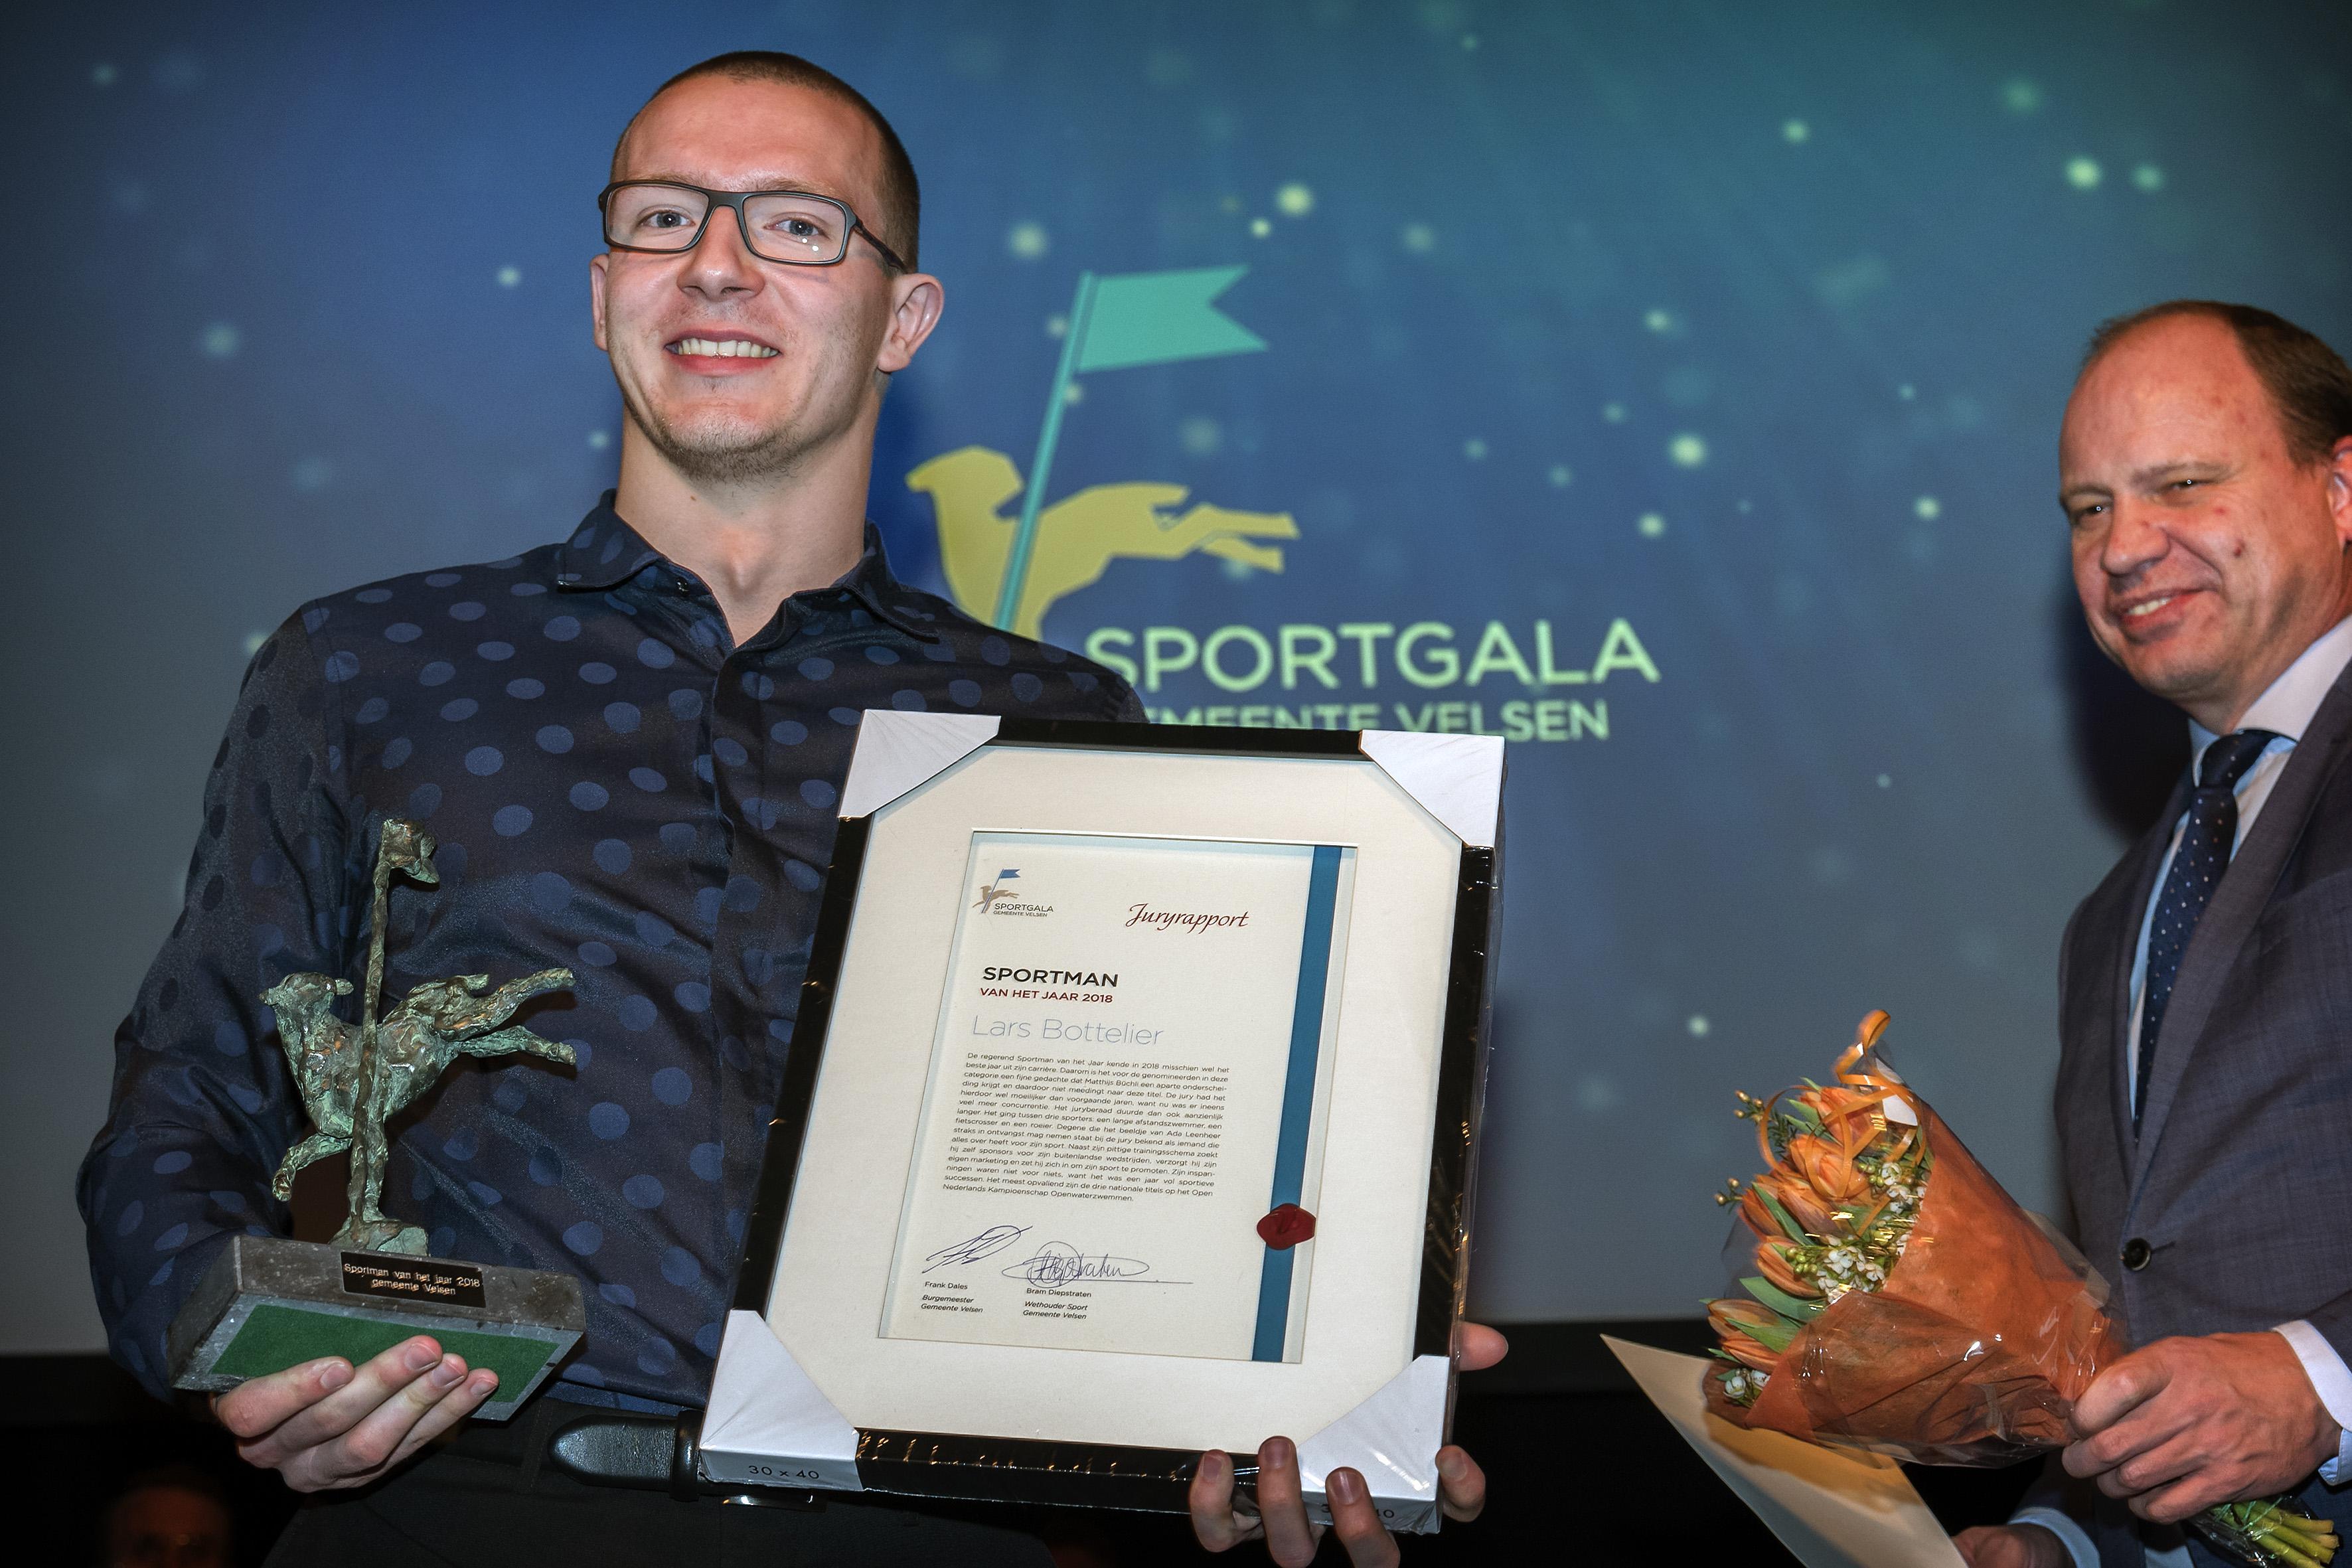 Openwaterzwemmer Lars Bottelier haalt limiet maar vond het mentaal zwaarder dan fysiek: 'Je bent constant bezig met wat de vingers van de coaches aangeven'